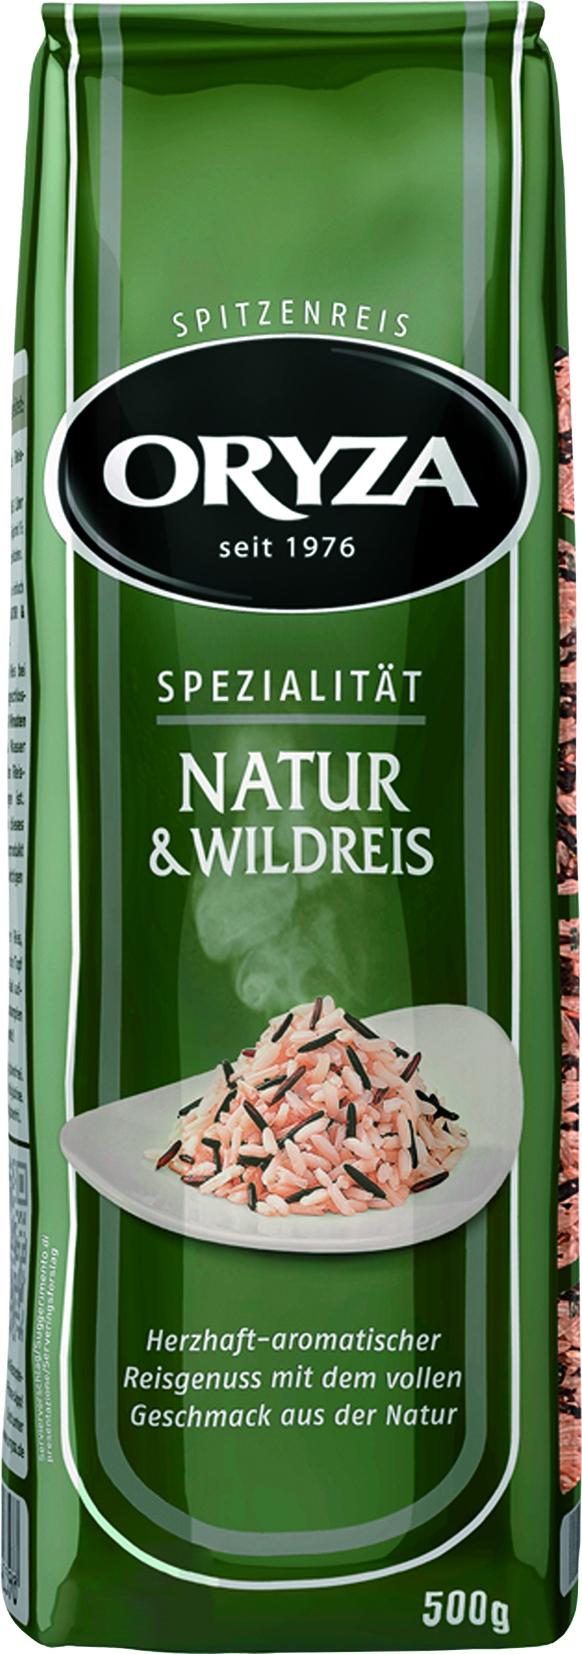 Natur-/Wildreis